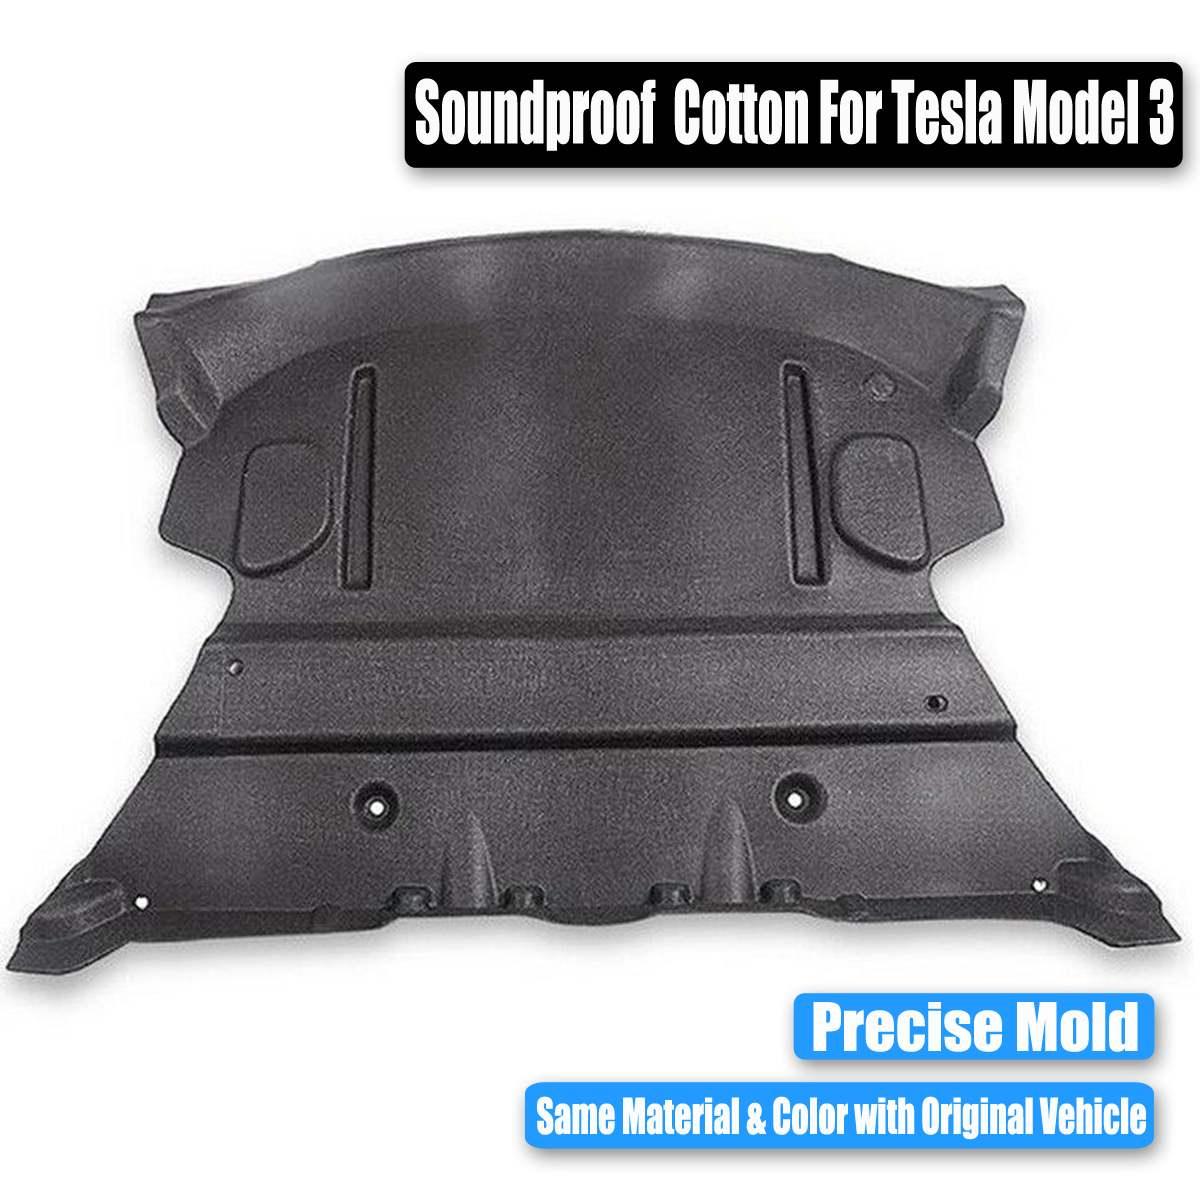 Nouveau tapis de protection insonorisé en coton pour coffre arrière pour voiture Tesla modèle 3 - 6